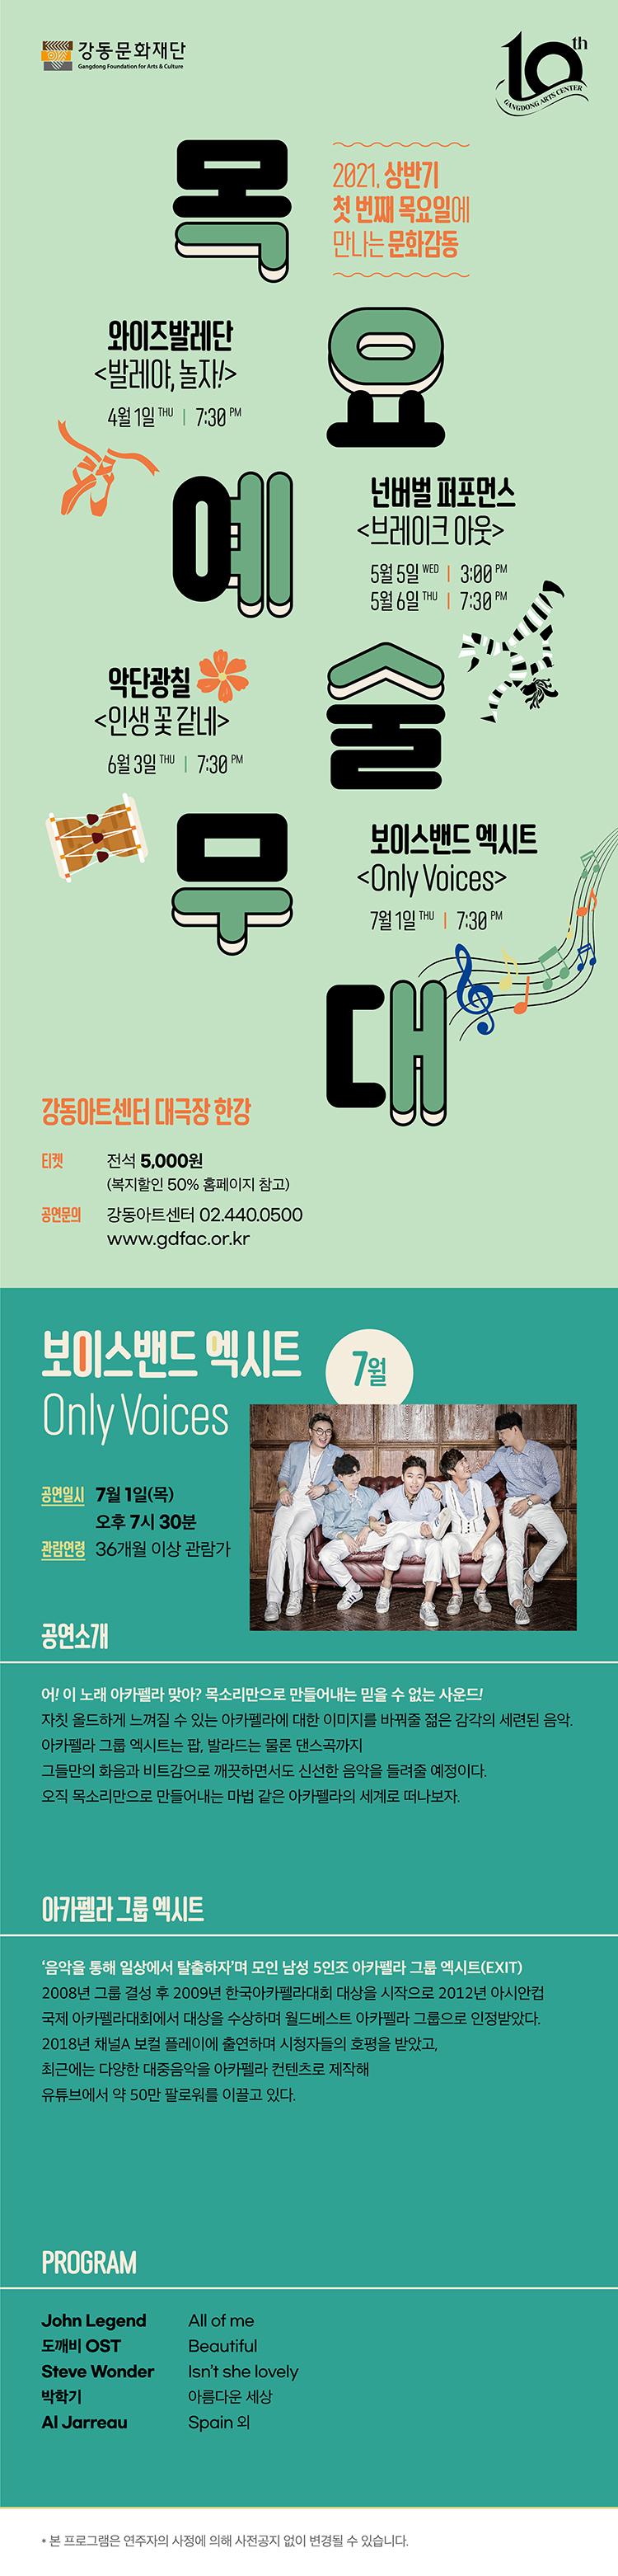 제185회 목요예술무대 보이스밴드엑시트 Only Voices. 2021년 7월 1일 오후 7시 30분 강동아트센터 대극장 한강